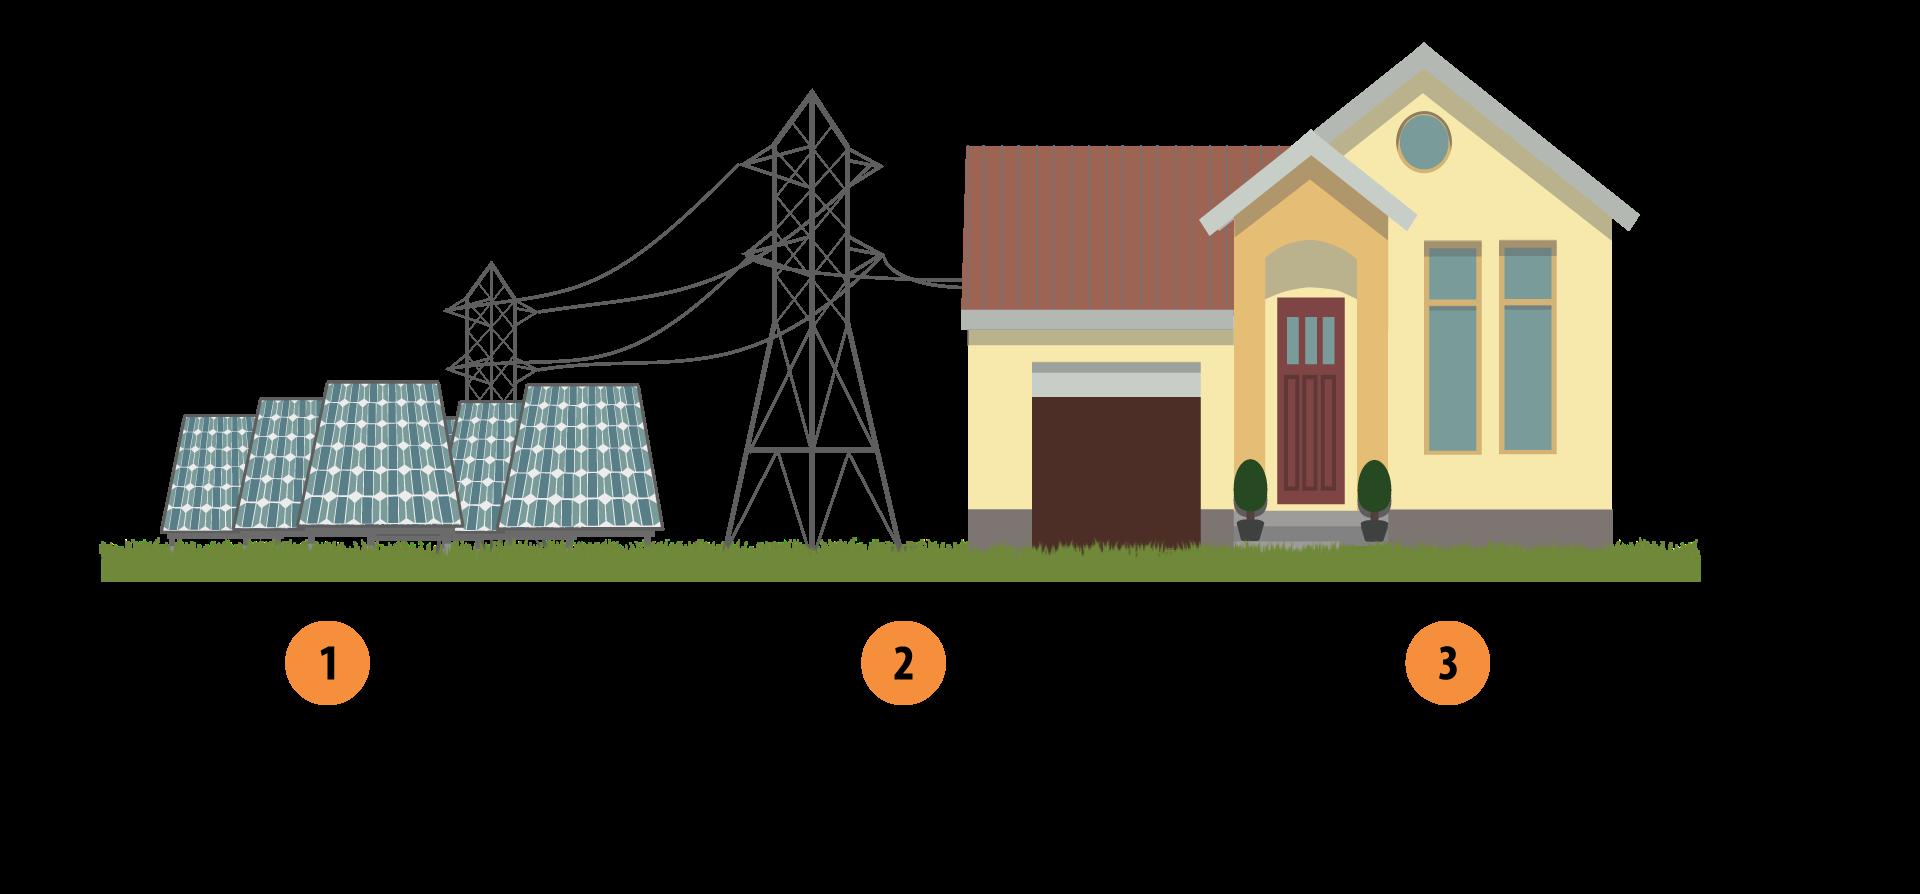 Onondaga Community Solar Renovus Solar